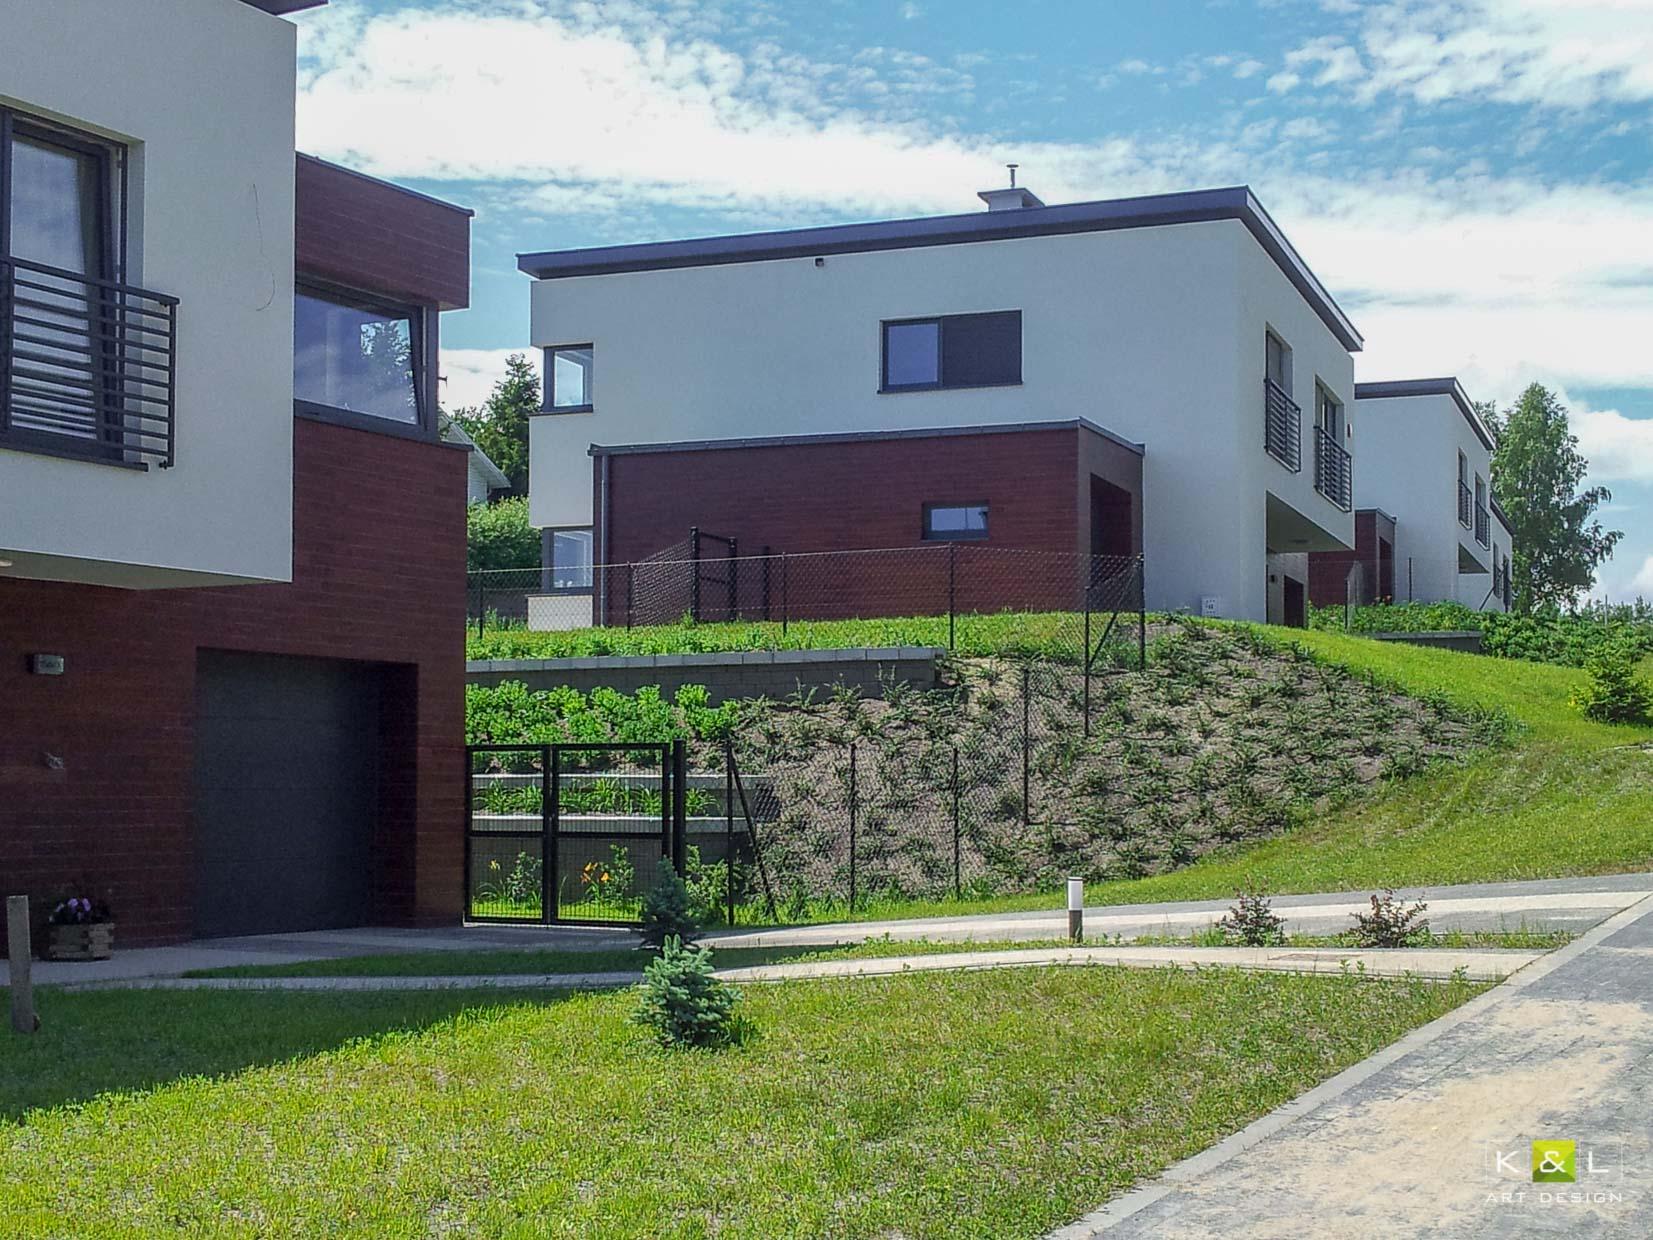 Osiedle Goplanska Gdansk KL art design_-2